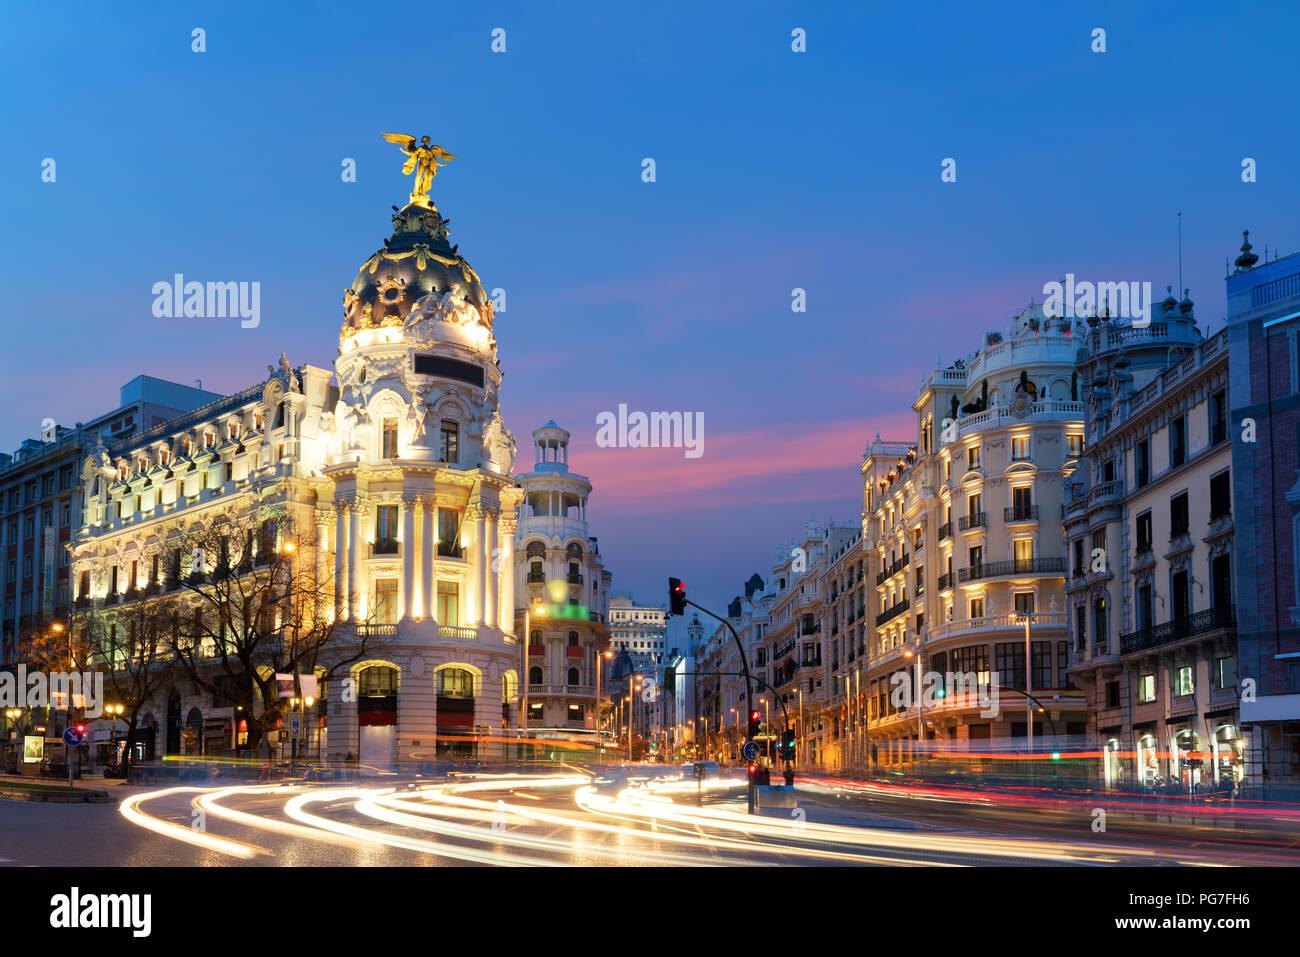 Auto und Verkehr Lichter auf Gran via Street, der Haupteinkaufsstraße in Madrid bei Nacht. Spanien, Europa. Lanmark in Madrid, Spanien Stockbild